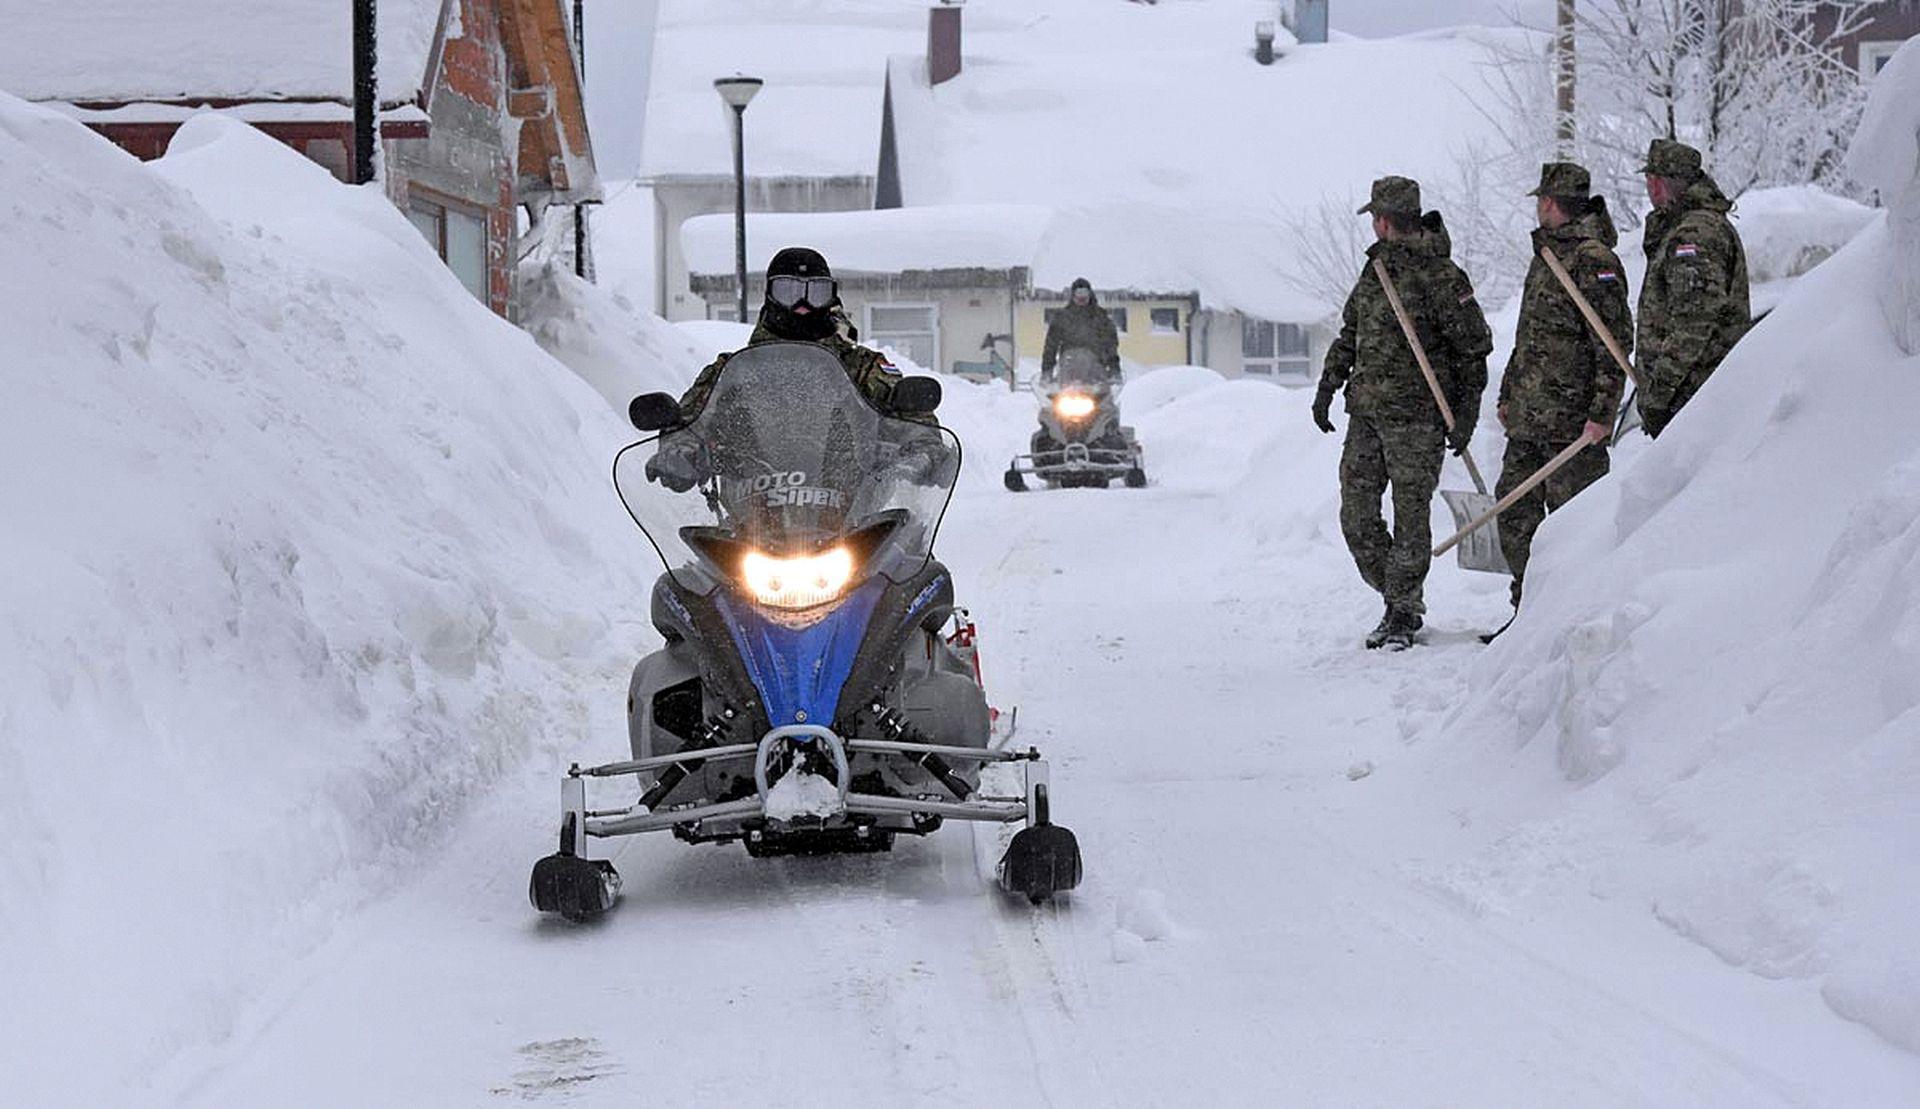 Hrvatski vojnici i dalje čiste snijeg na području Gračaca